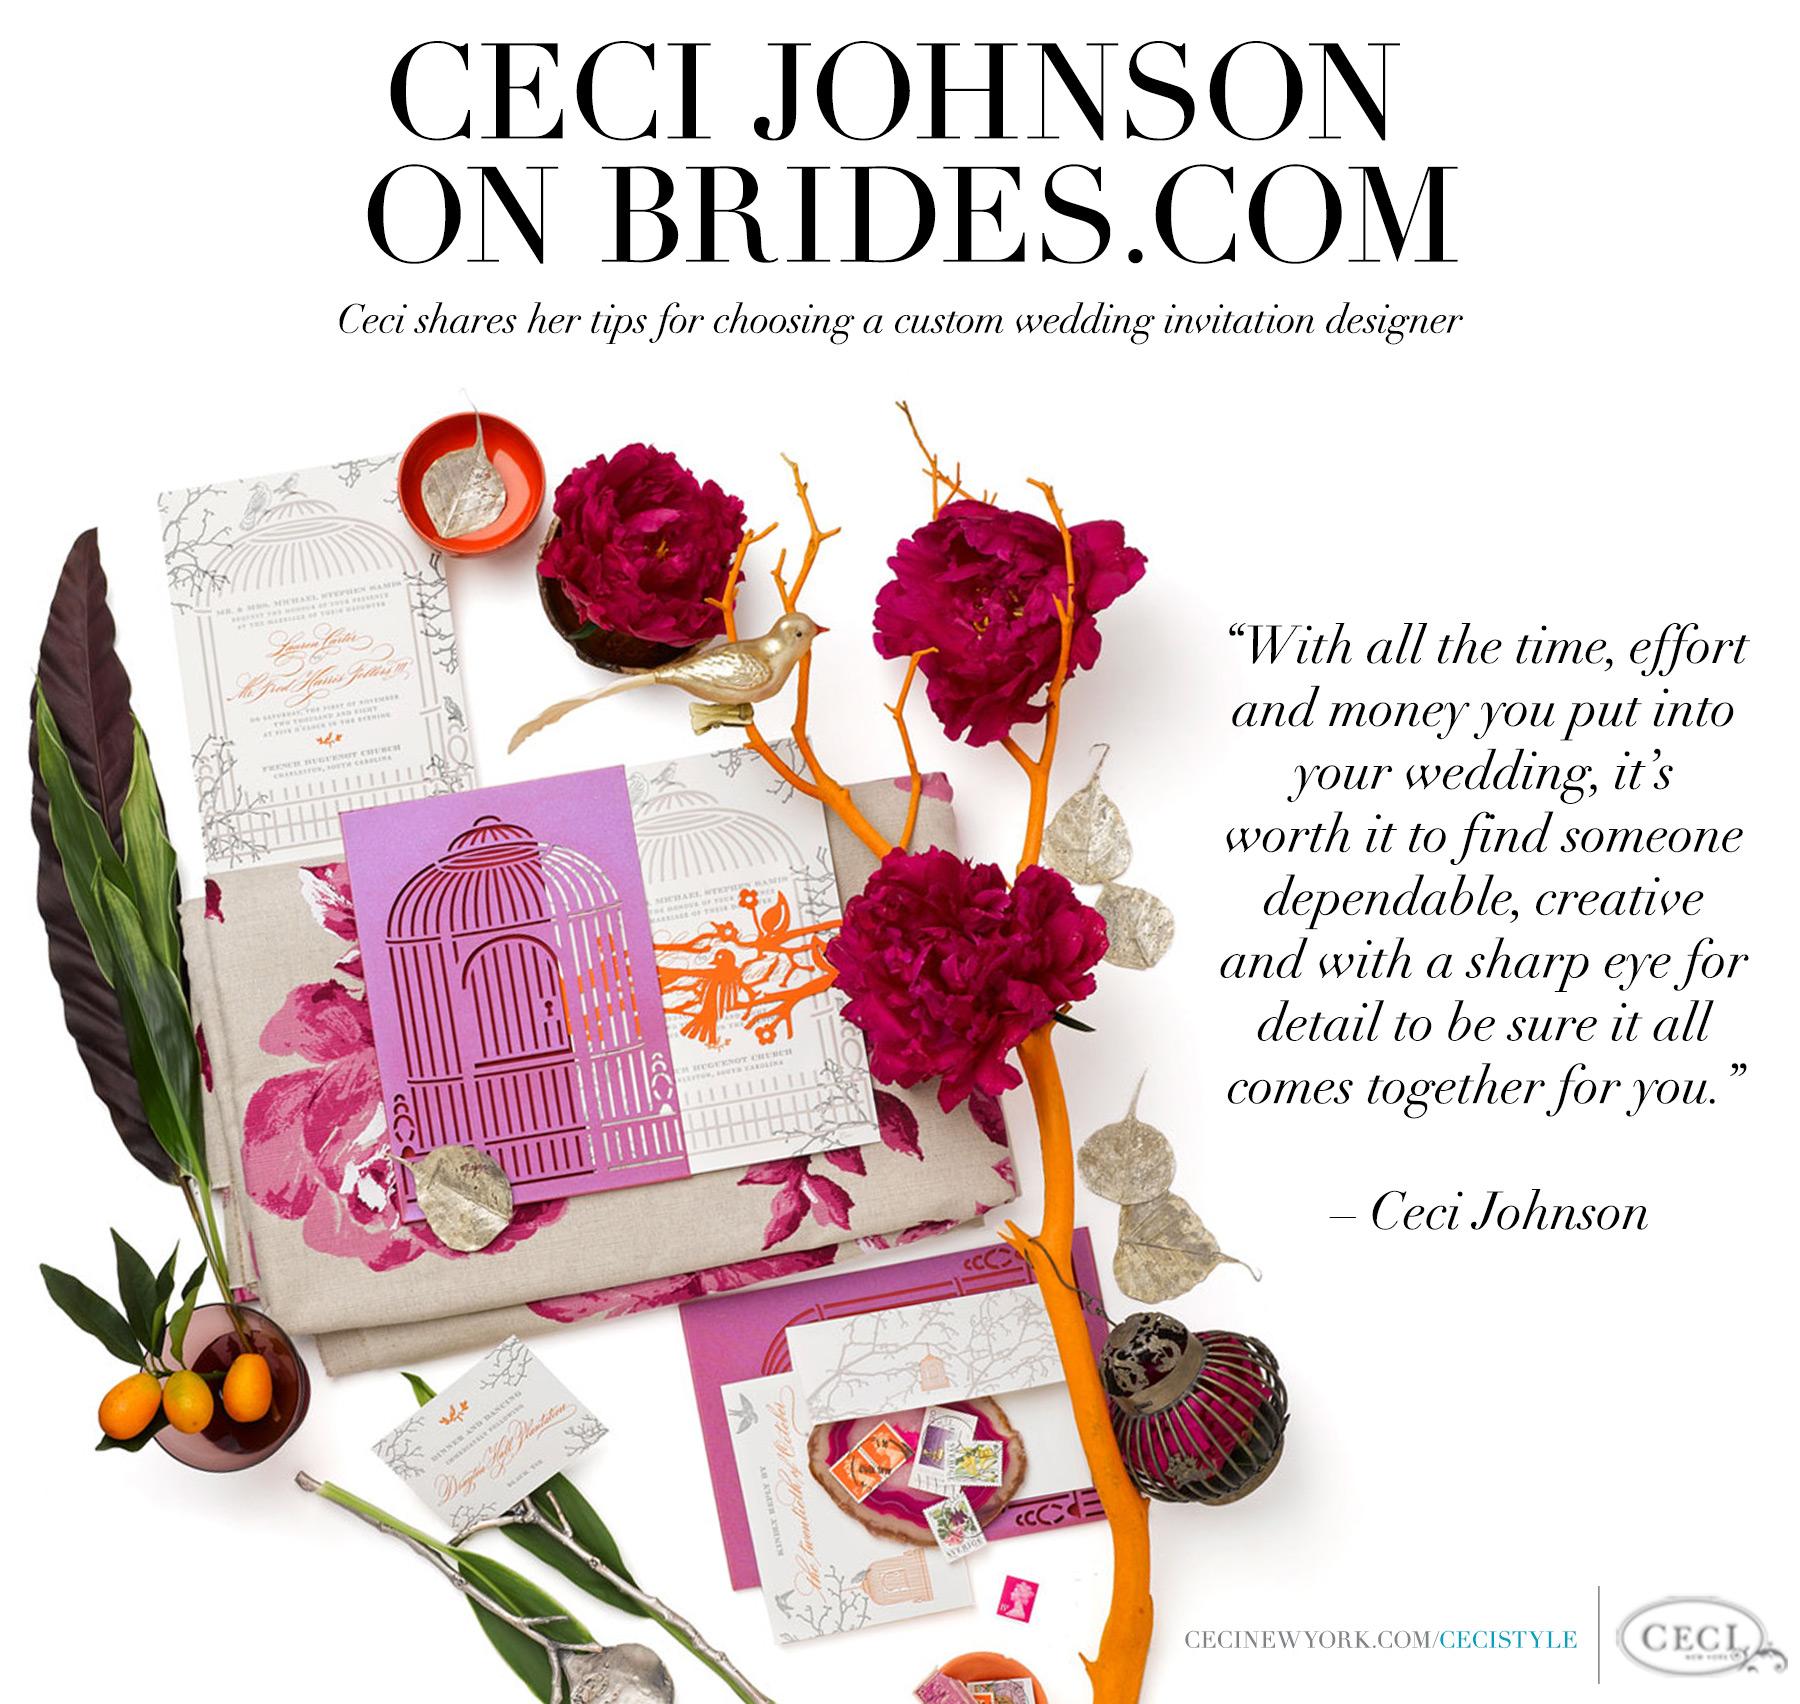 Ceci Johnson on Brides.com